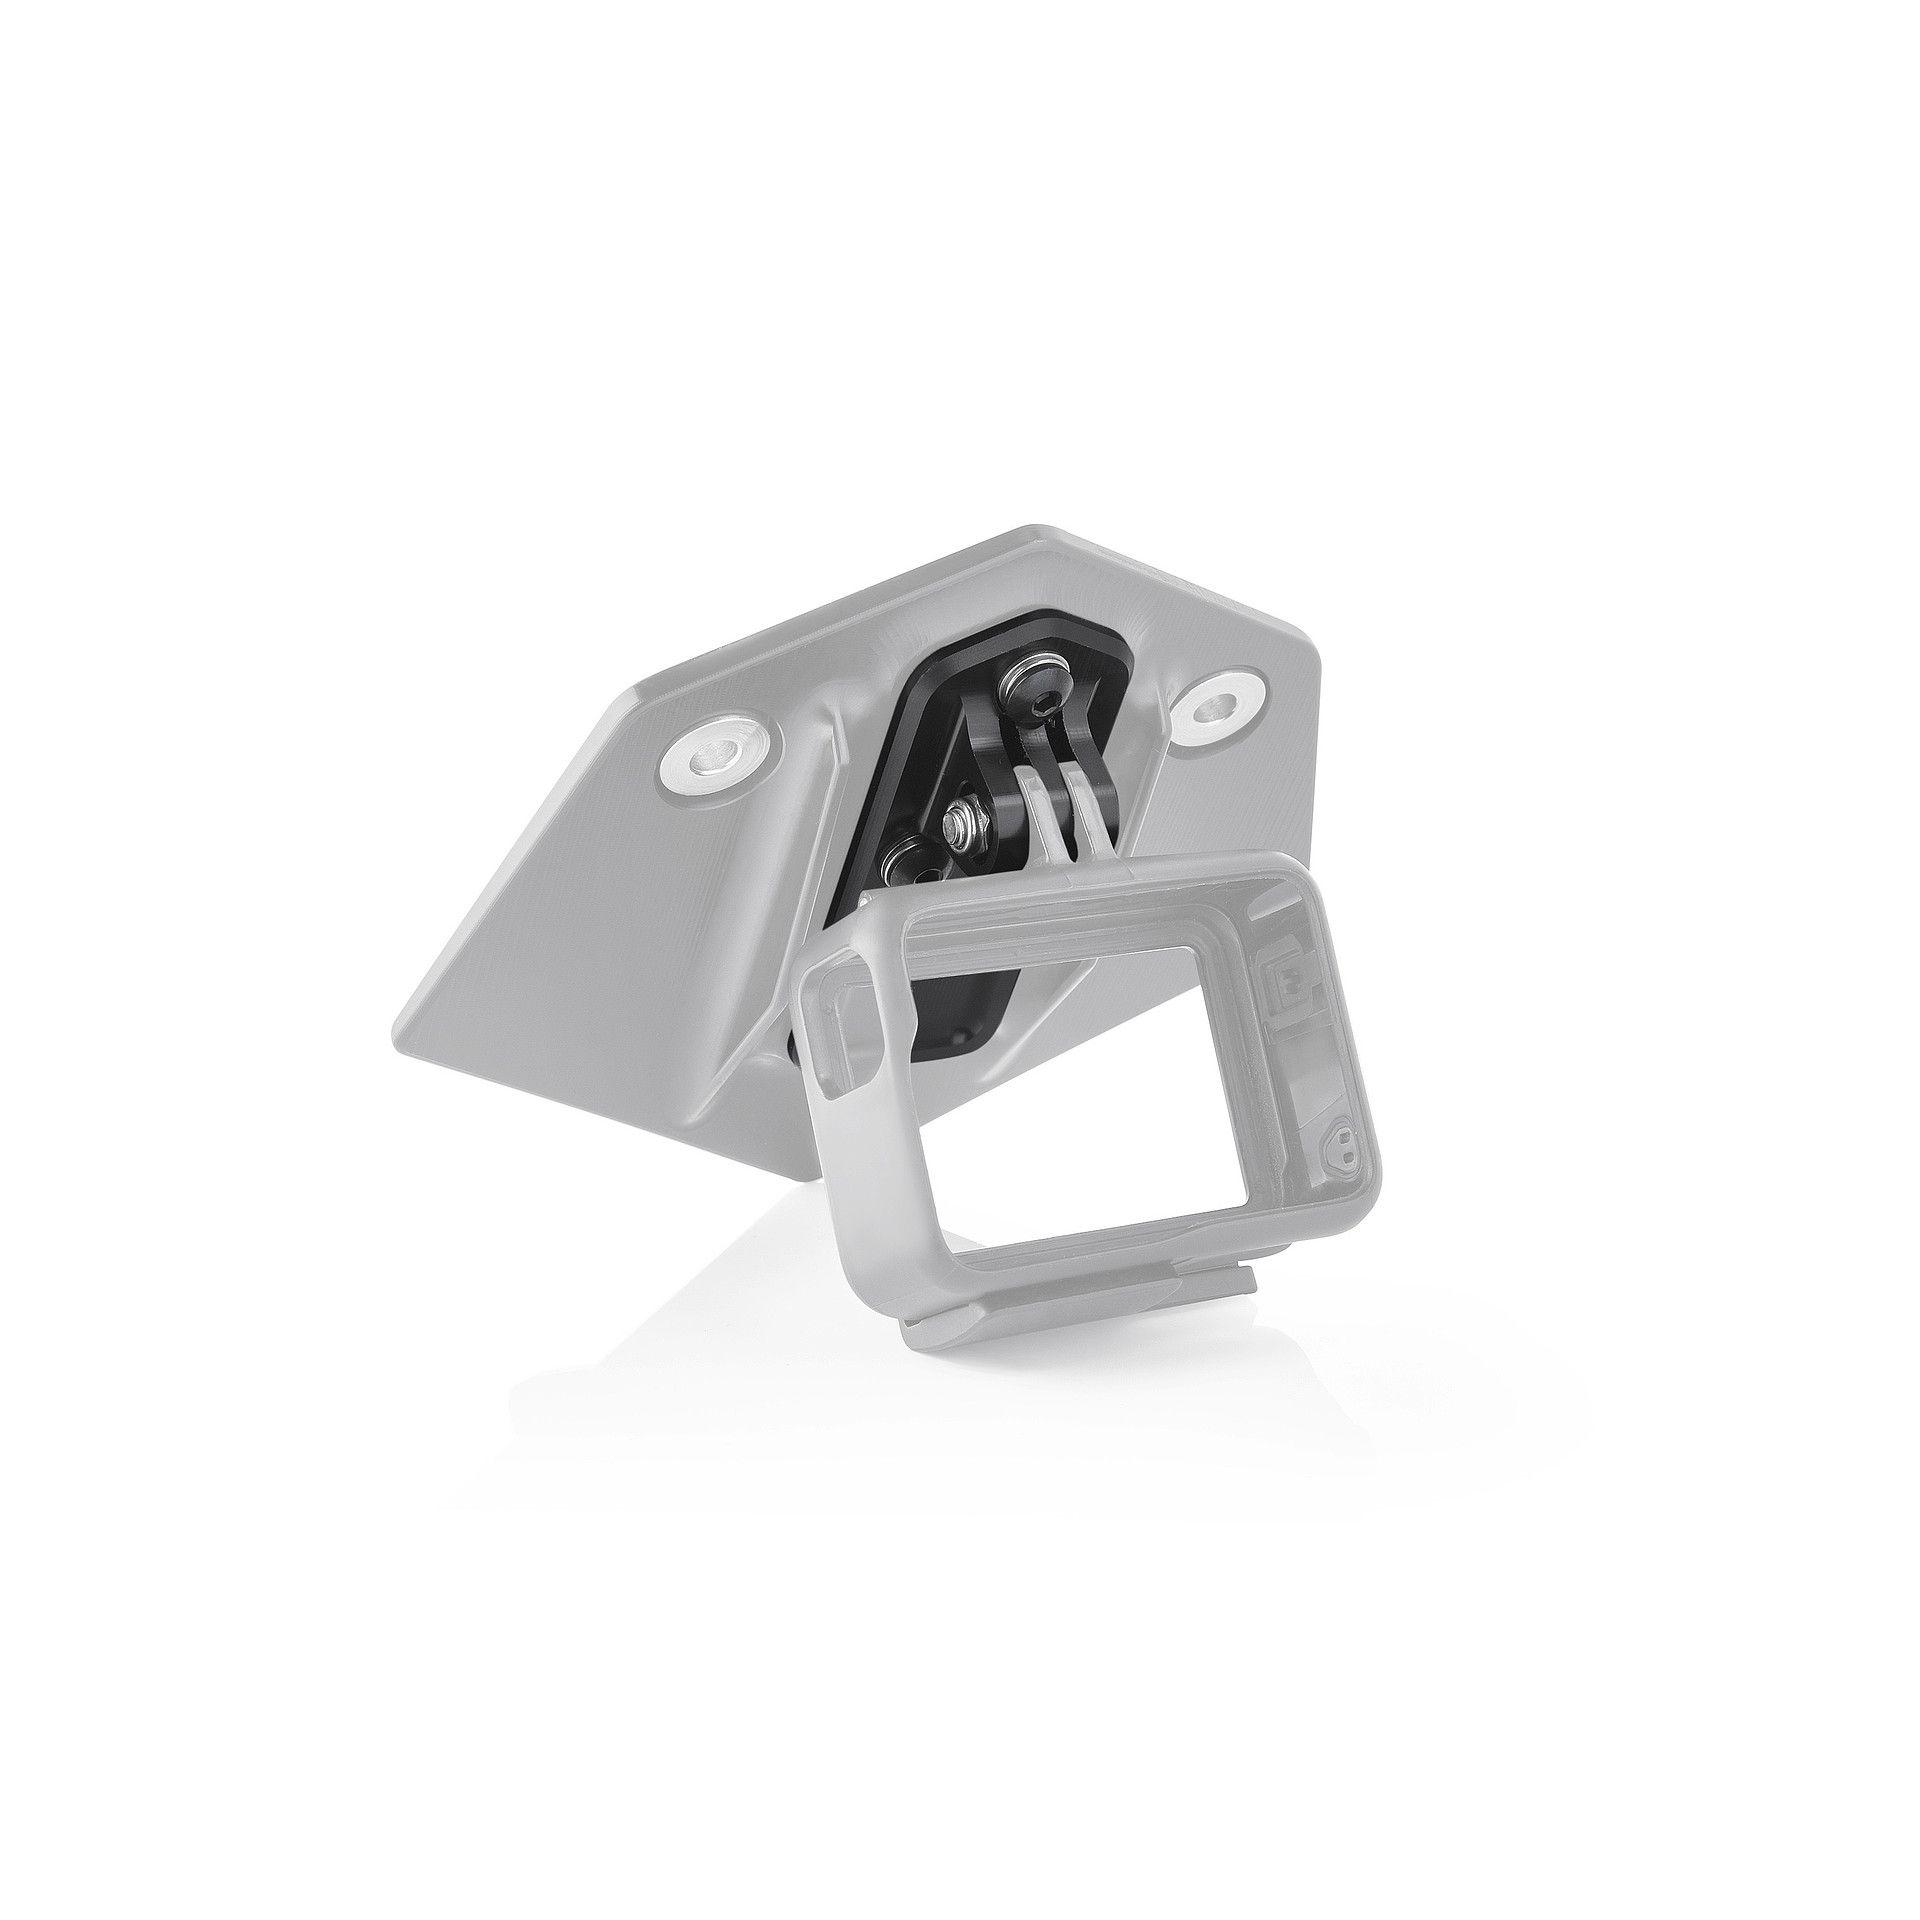 Mounting kit for GoPro®